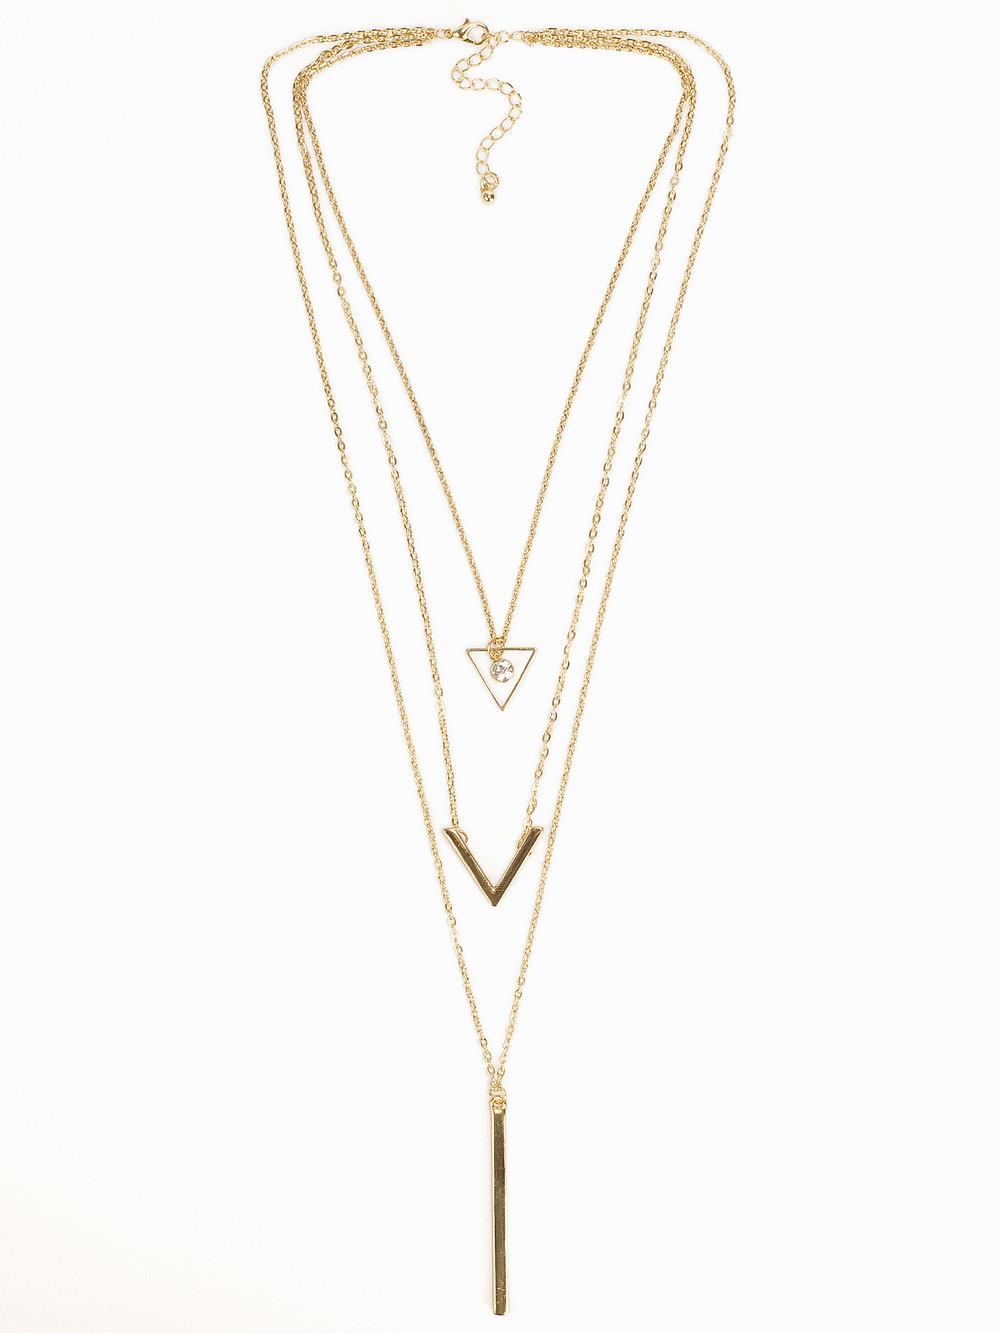 symbol necklace